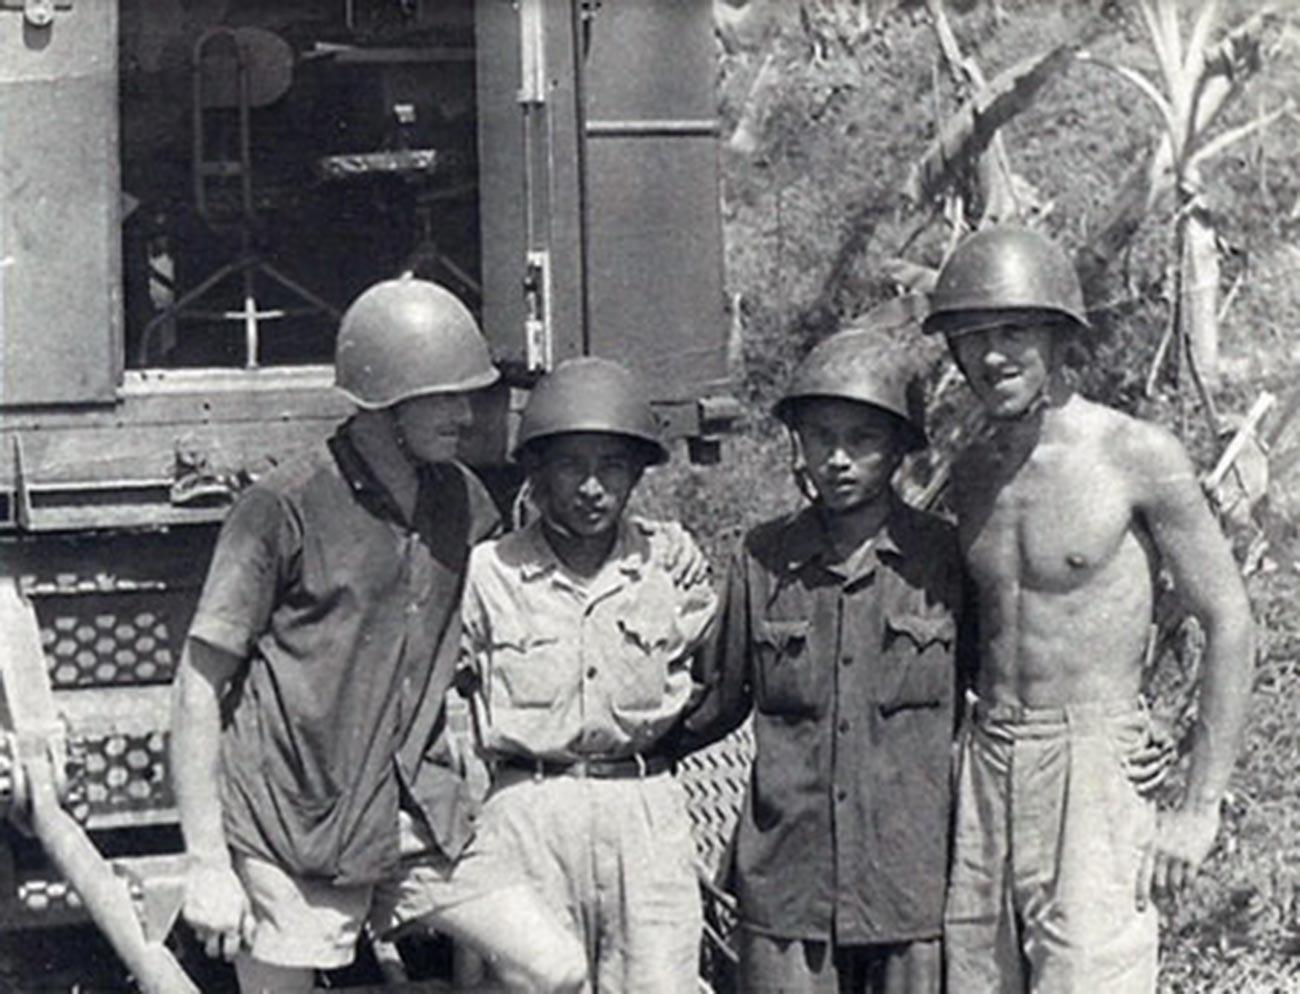 Avril 1967. De gauche à droite sur la photo : le capitaine Viktor Jouravlev, instructeur du commandant de batterie ; commandant de batterie, lieutenant-lieutenant supérieur de la 2e division They ; Opérateur Leo; opérateur Mazour.